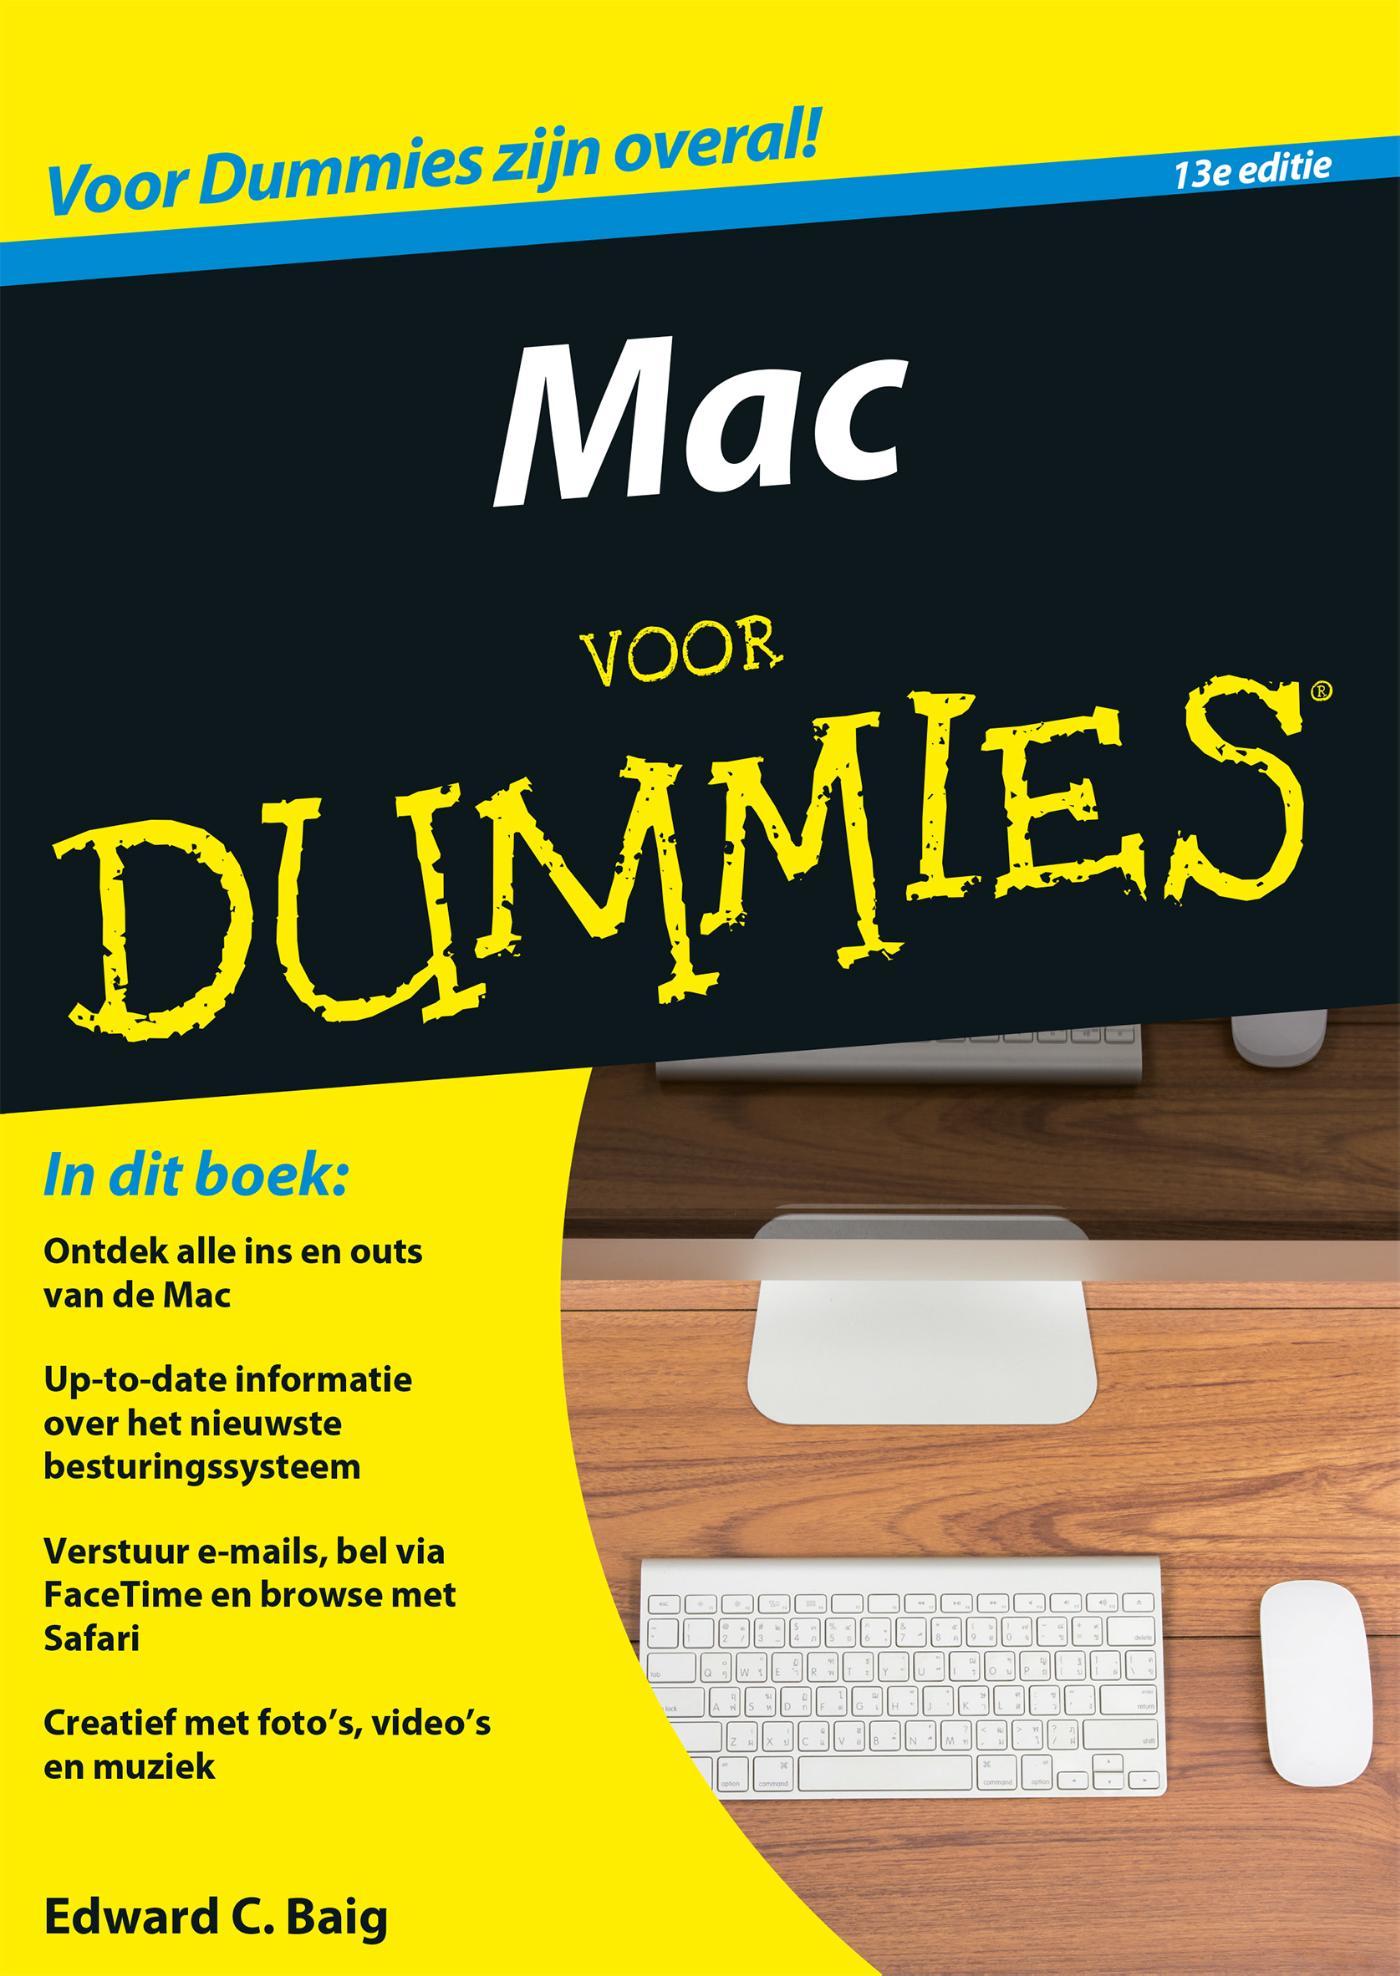 Voor Dummies: Mac